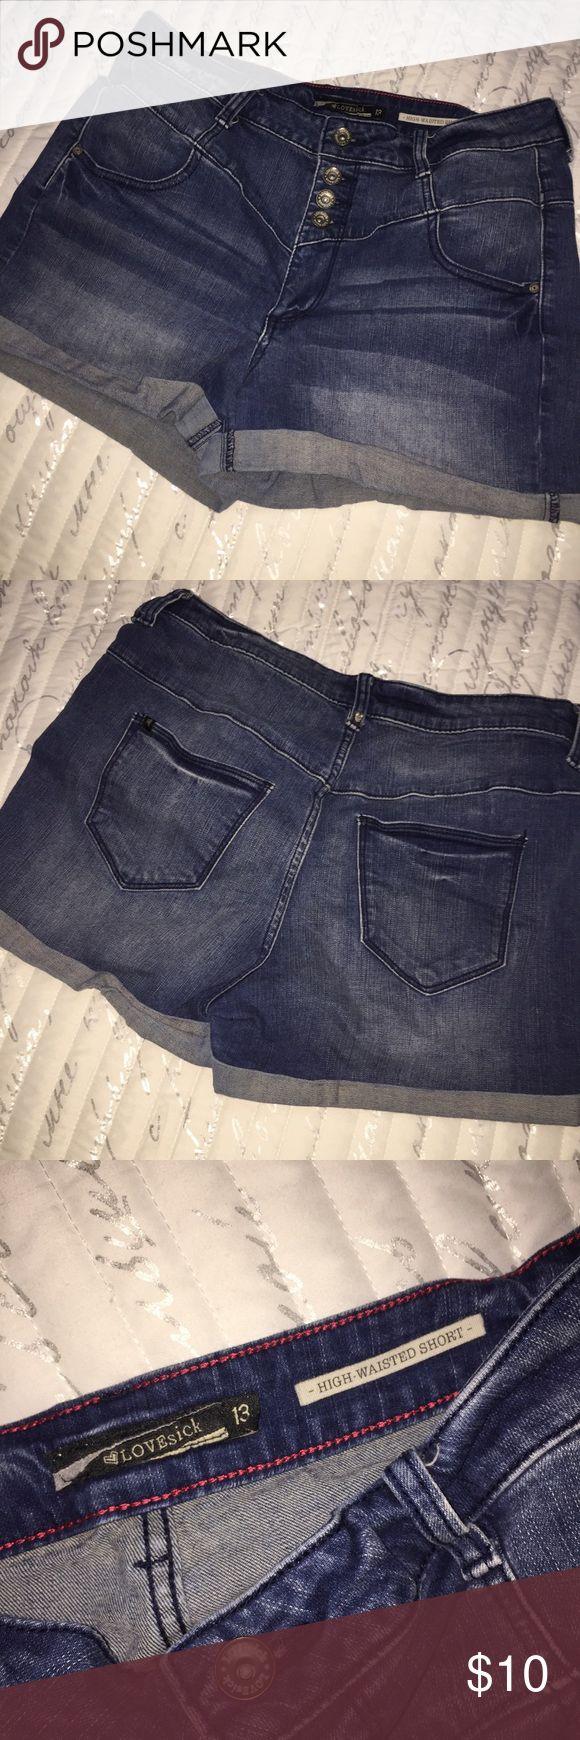 🎉HIGH WASTED JEAN SHORTS🎉 High wasted jean shorts Dark jean Tough fabric Shorts Jean Shorts